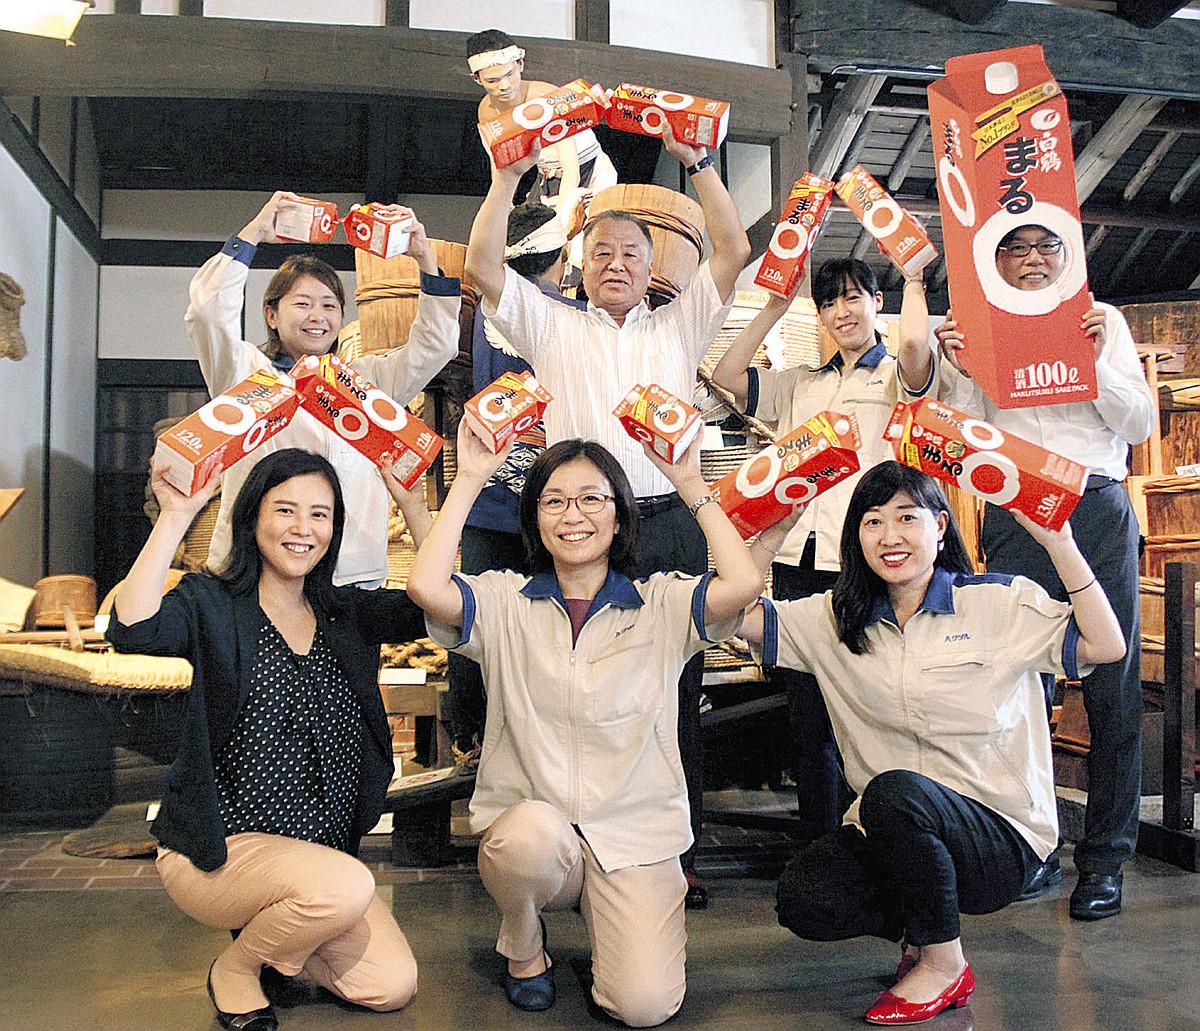 「白鶴 まる」を手に「まるポーズ」を決める白鶴酒造の社員たち